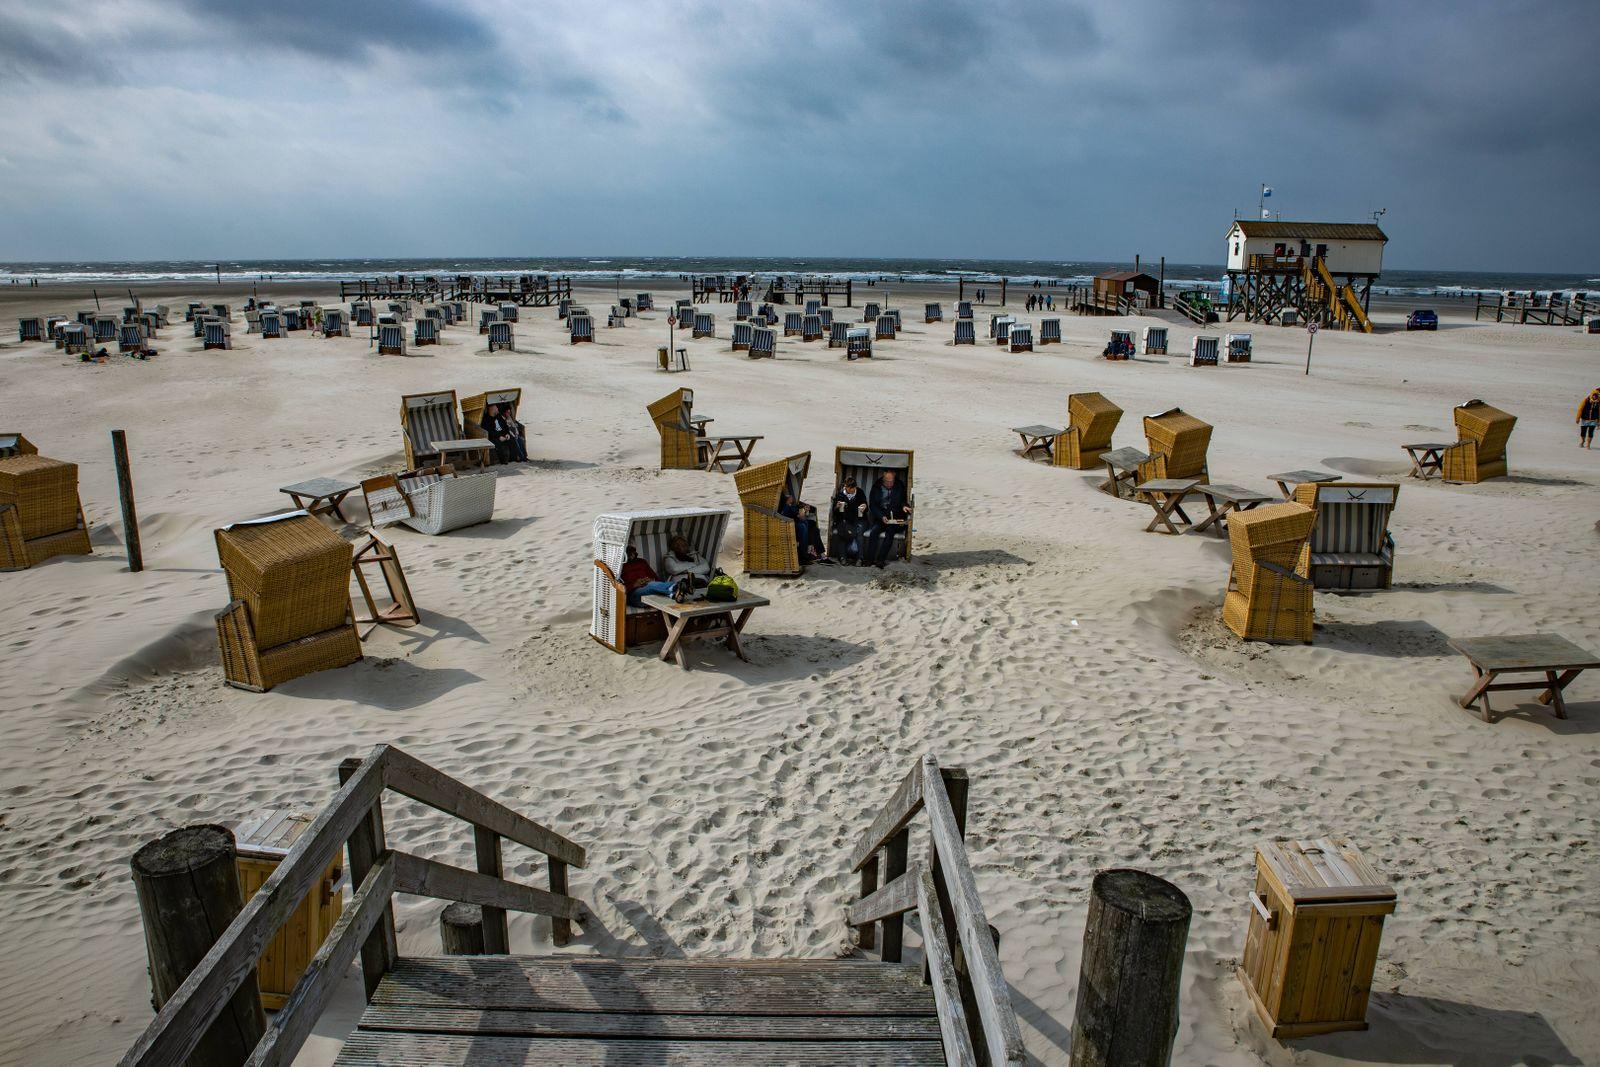 Trotz windigem Herbstwetter sind zahlreiche Menschen am Strand von St Peter Ording um an der Nordsee das Naturschauspiel